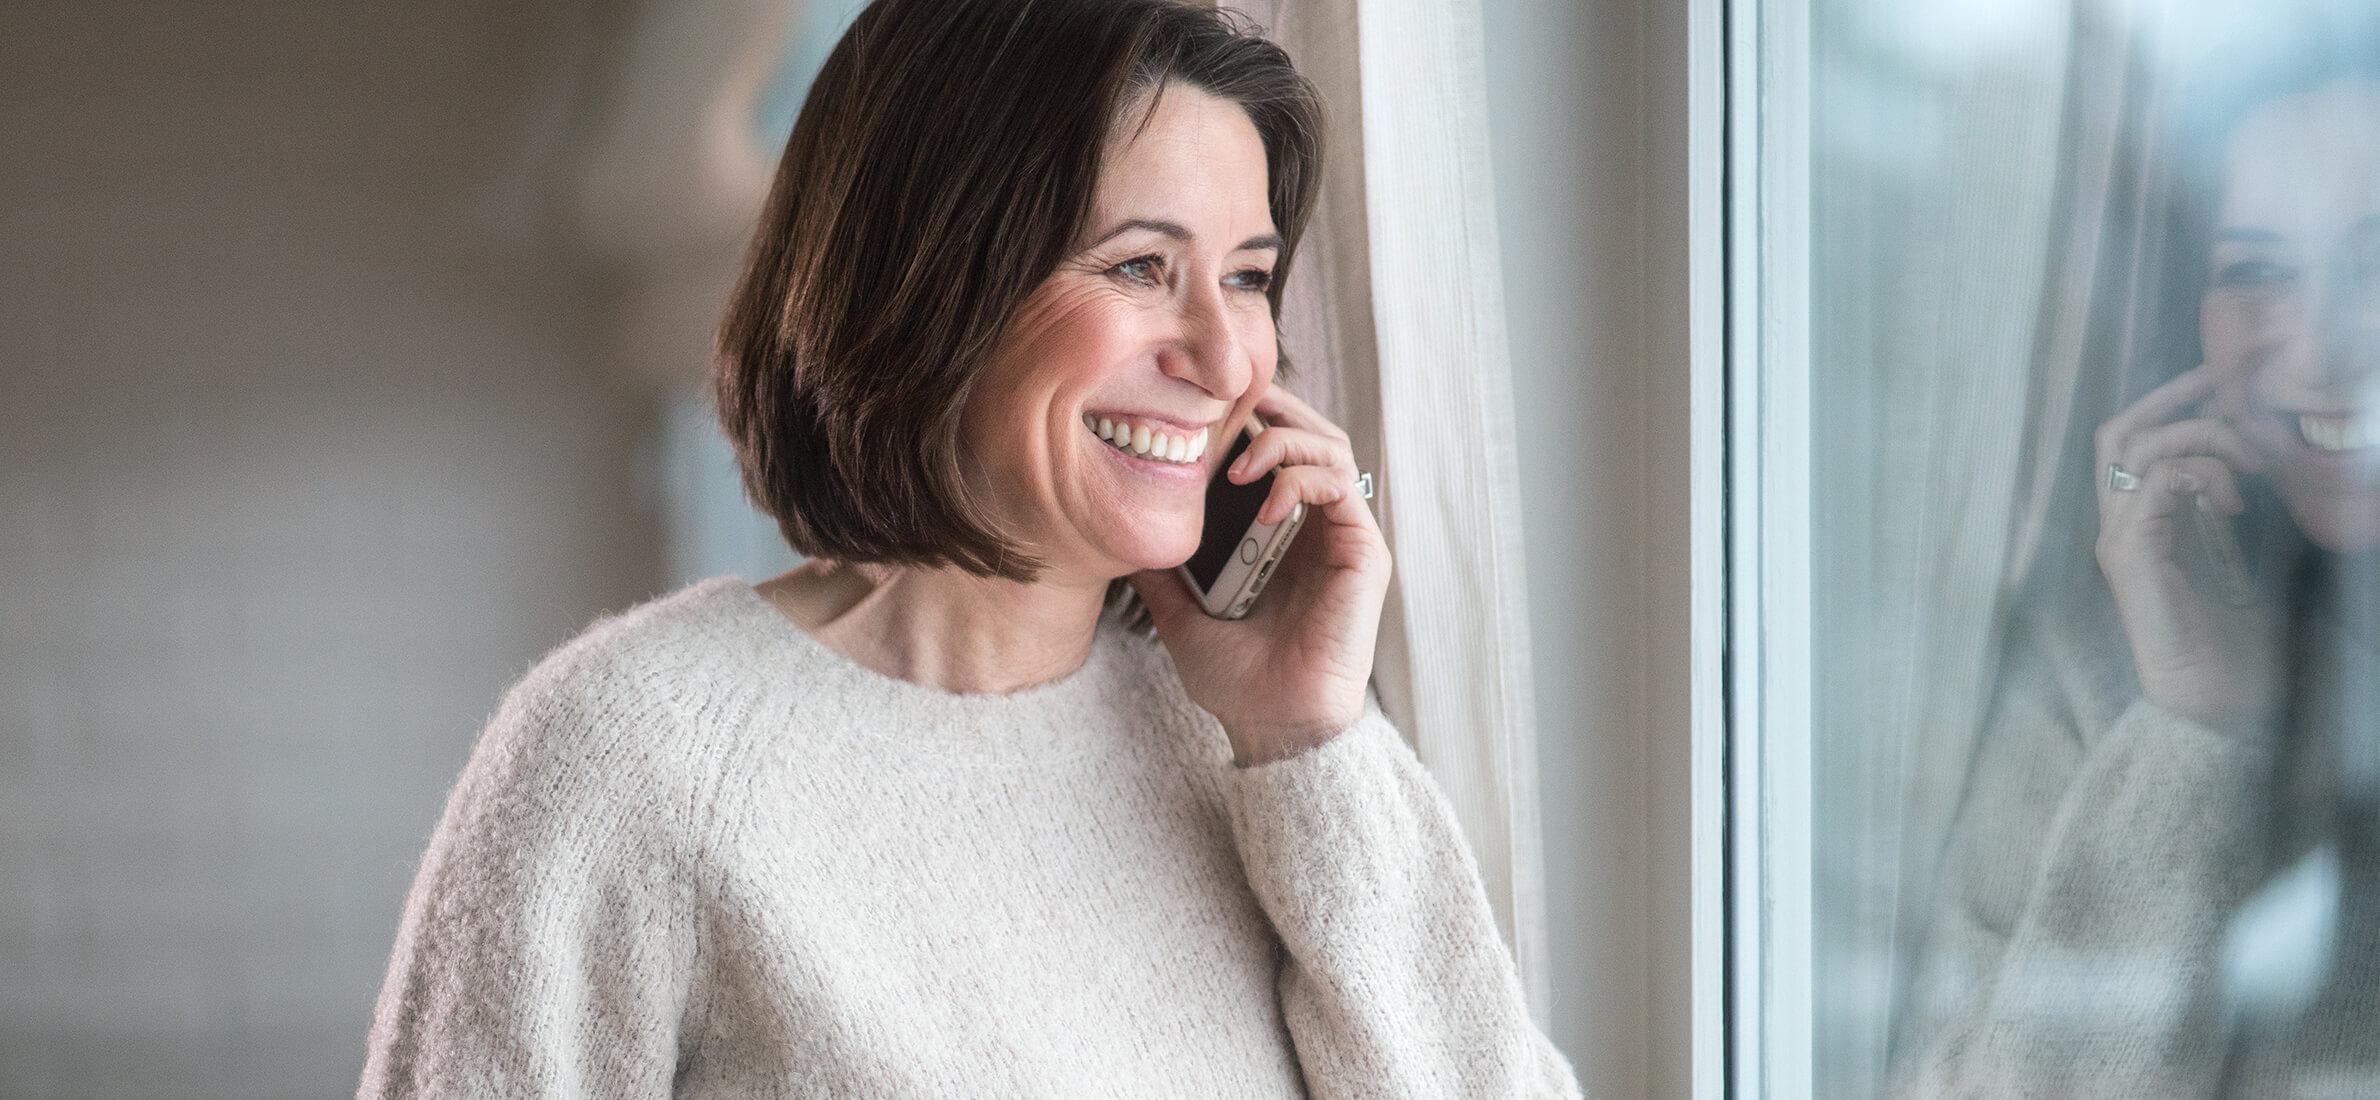 Med WiFi-tale kan du ringe som normalt, selv uten basestasjon-dekning.